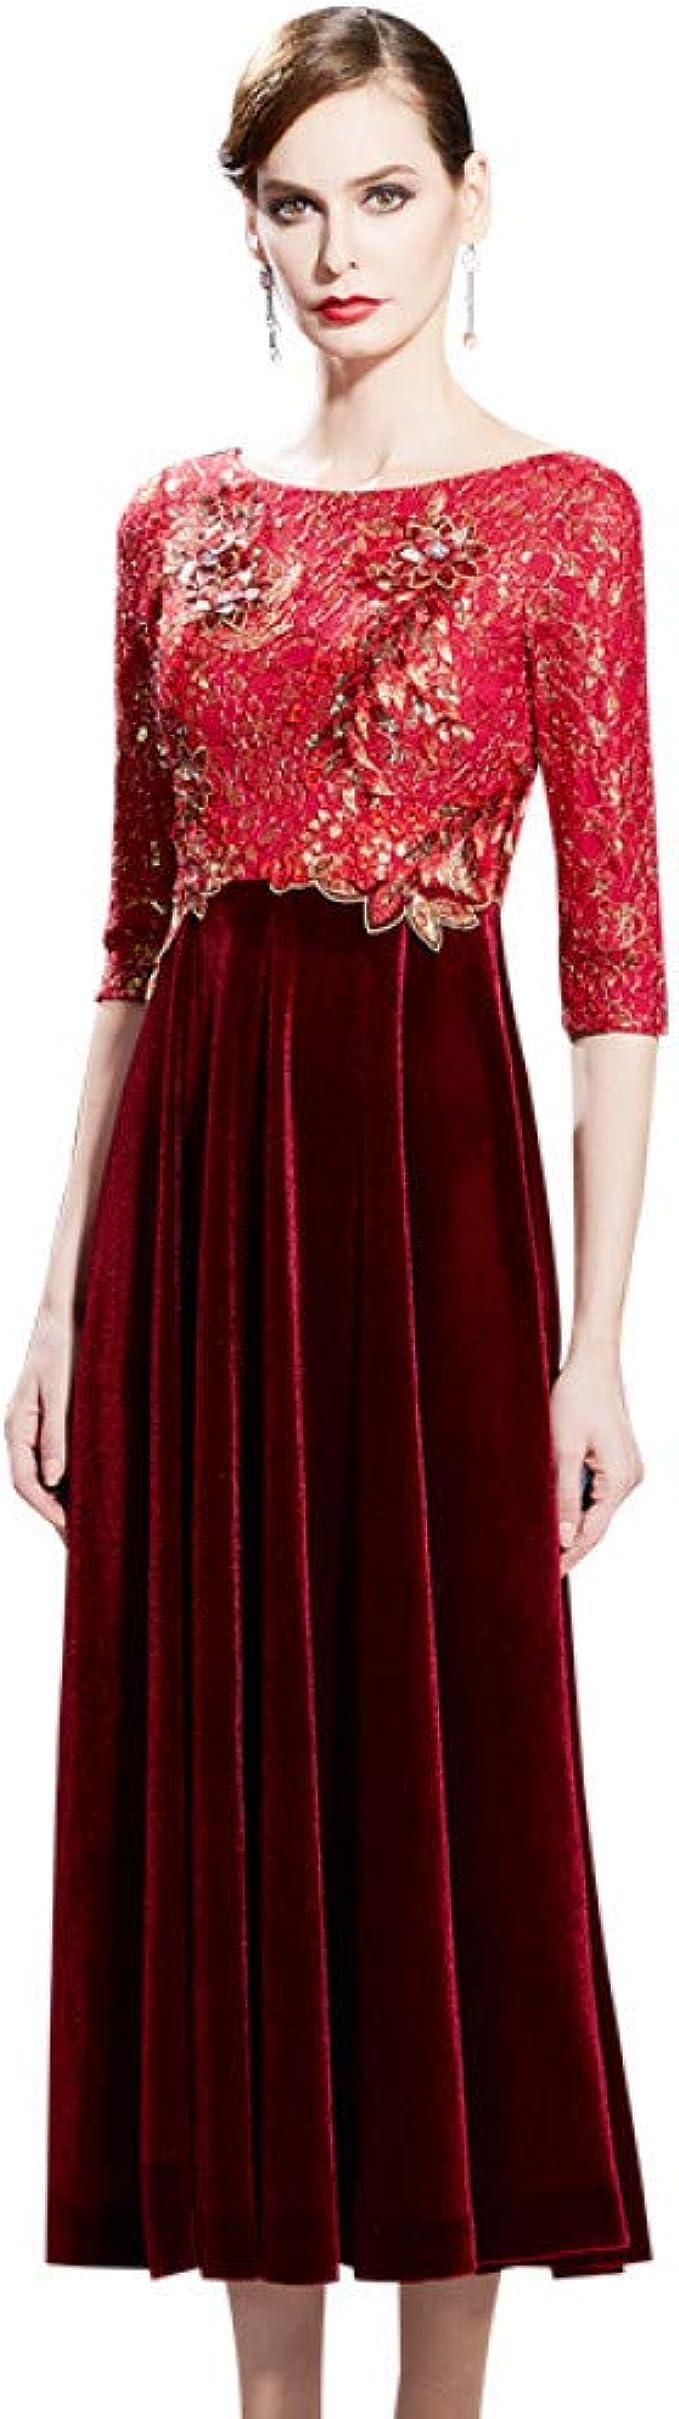 BINGQZ Kleid Cocktailkleider Mutter Hochzeitskleid 9 Sommer